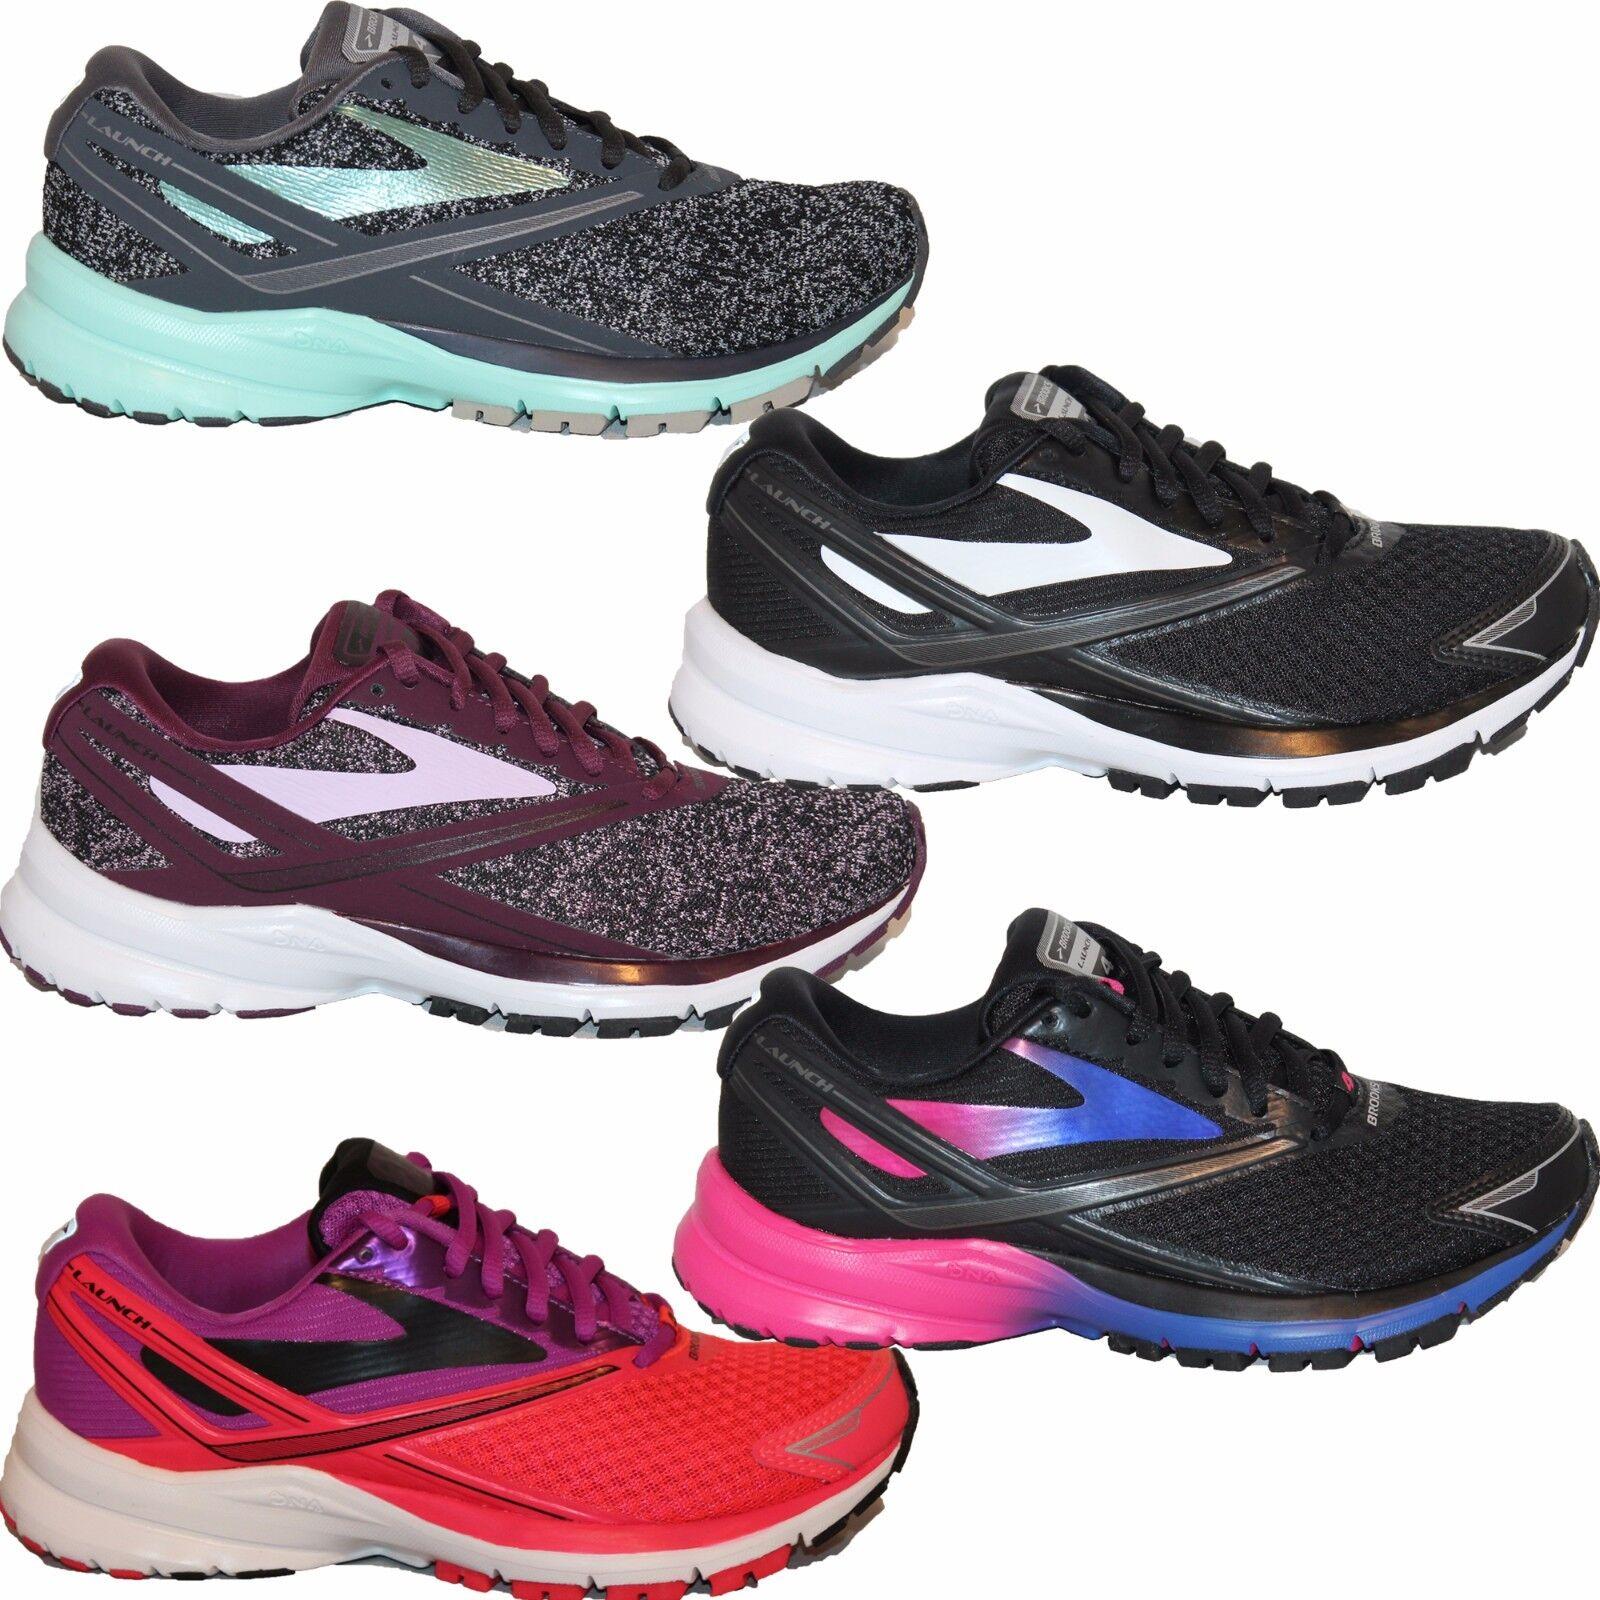 Mujeres lanzamiento 4 amortiguador Running Brooks neutral neutral Brooks Zapatos Tenis Nuevo En Caja c0ae11